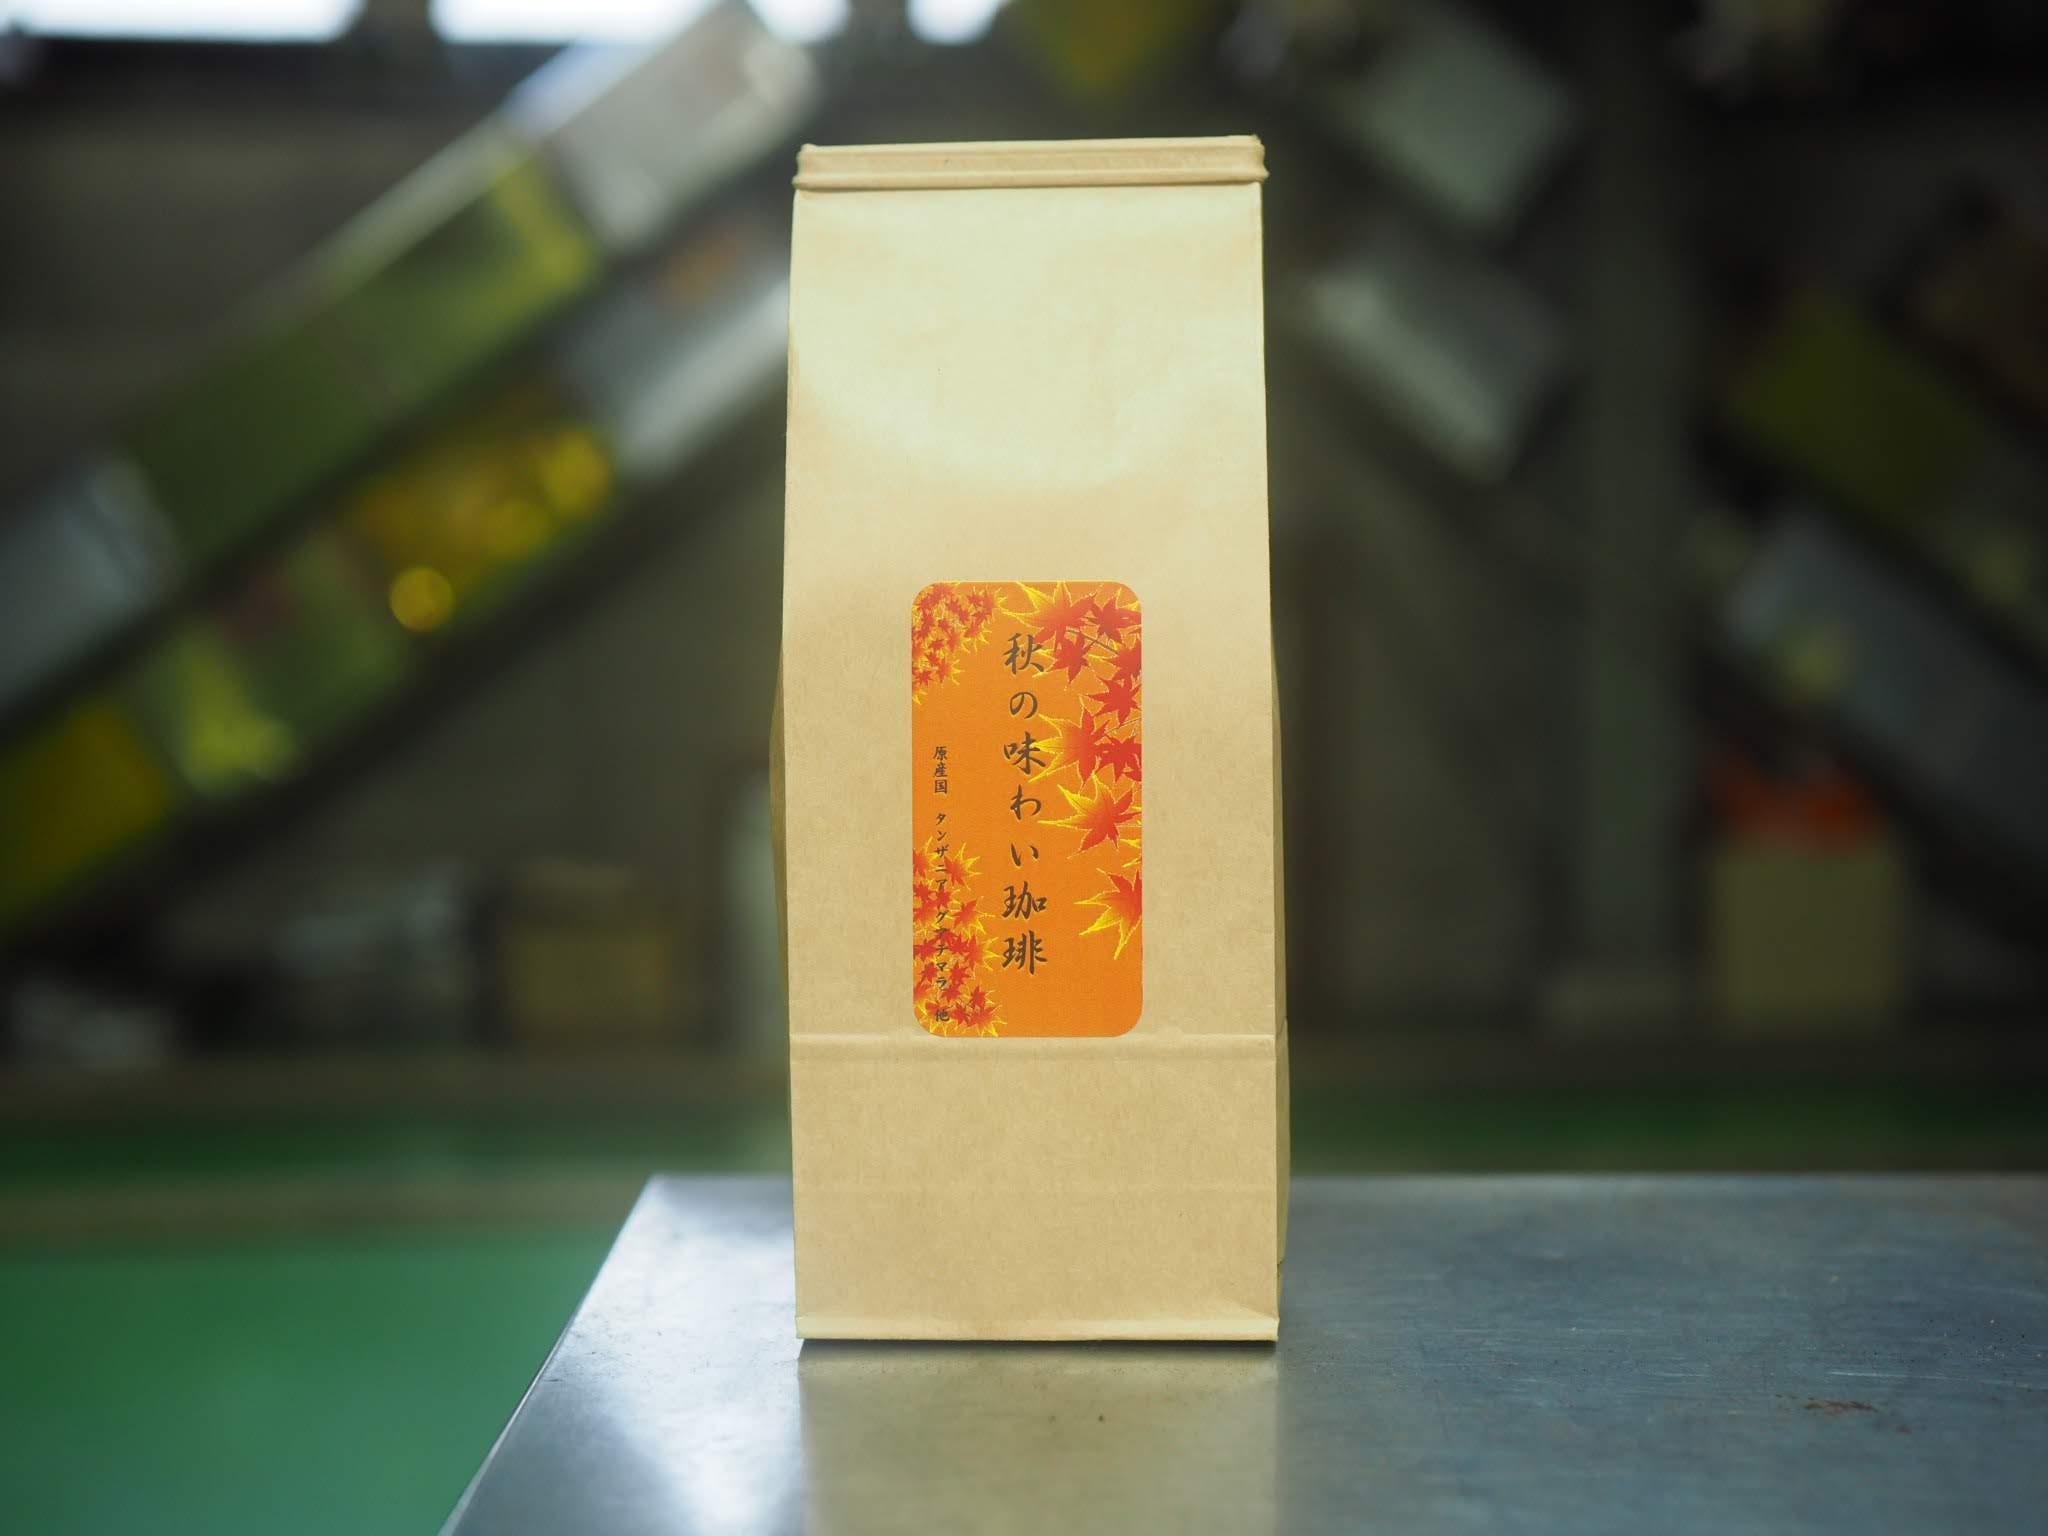 名古屋の業務用コーヒー卸「秋の味わい珈琲」